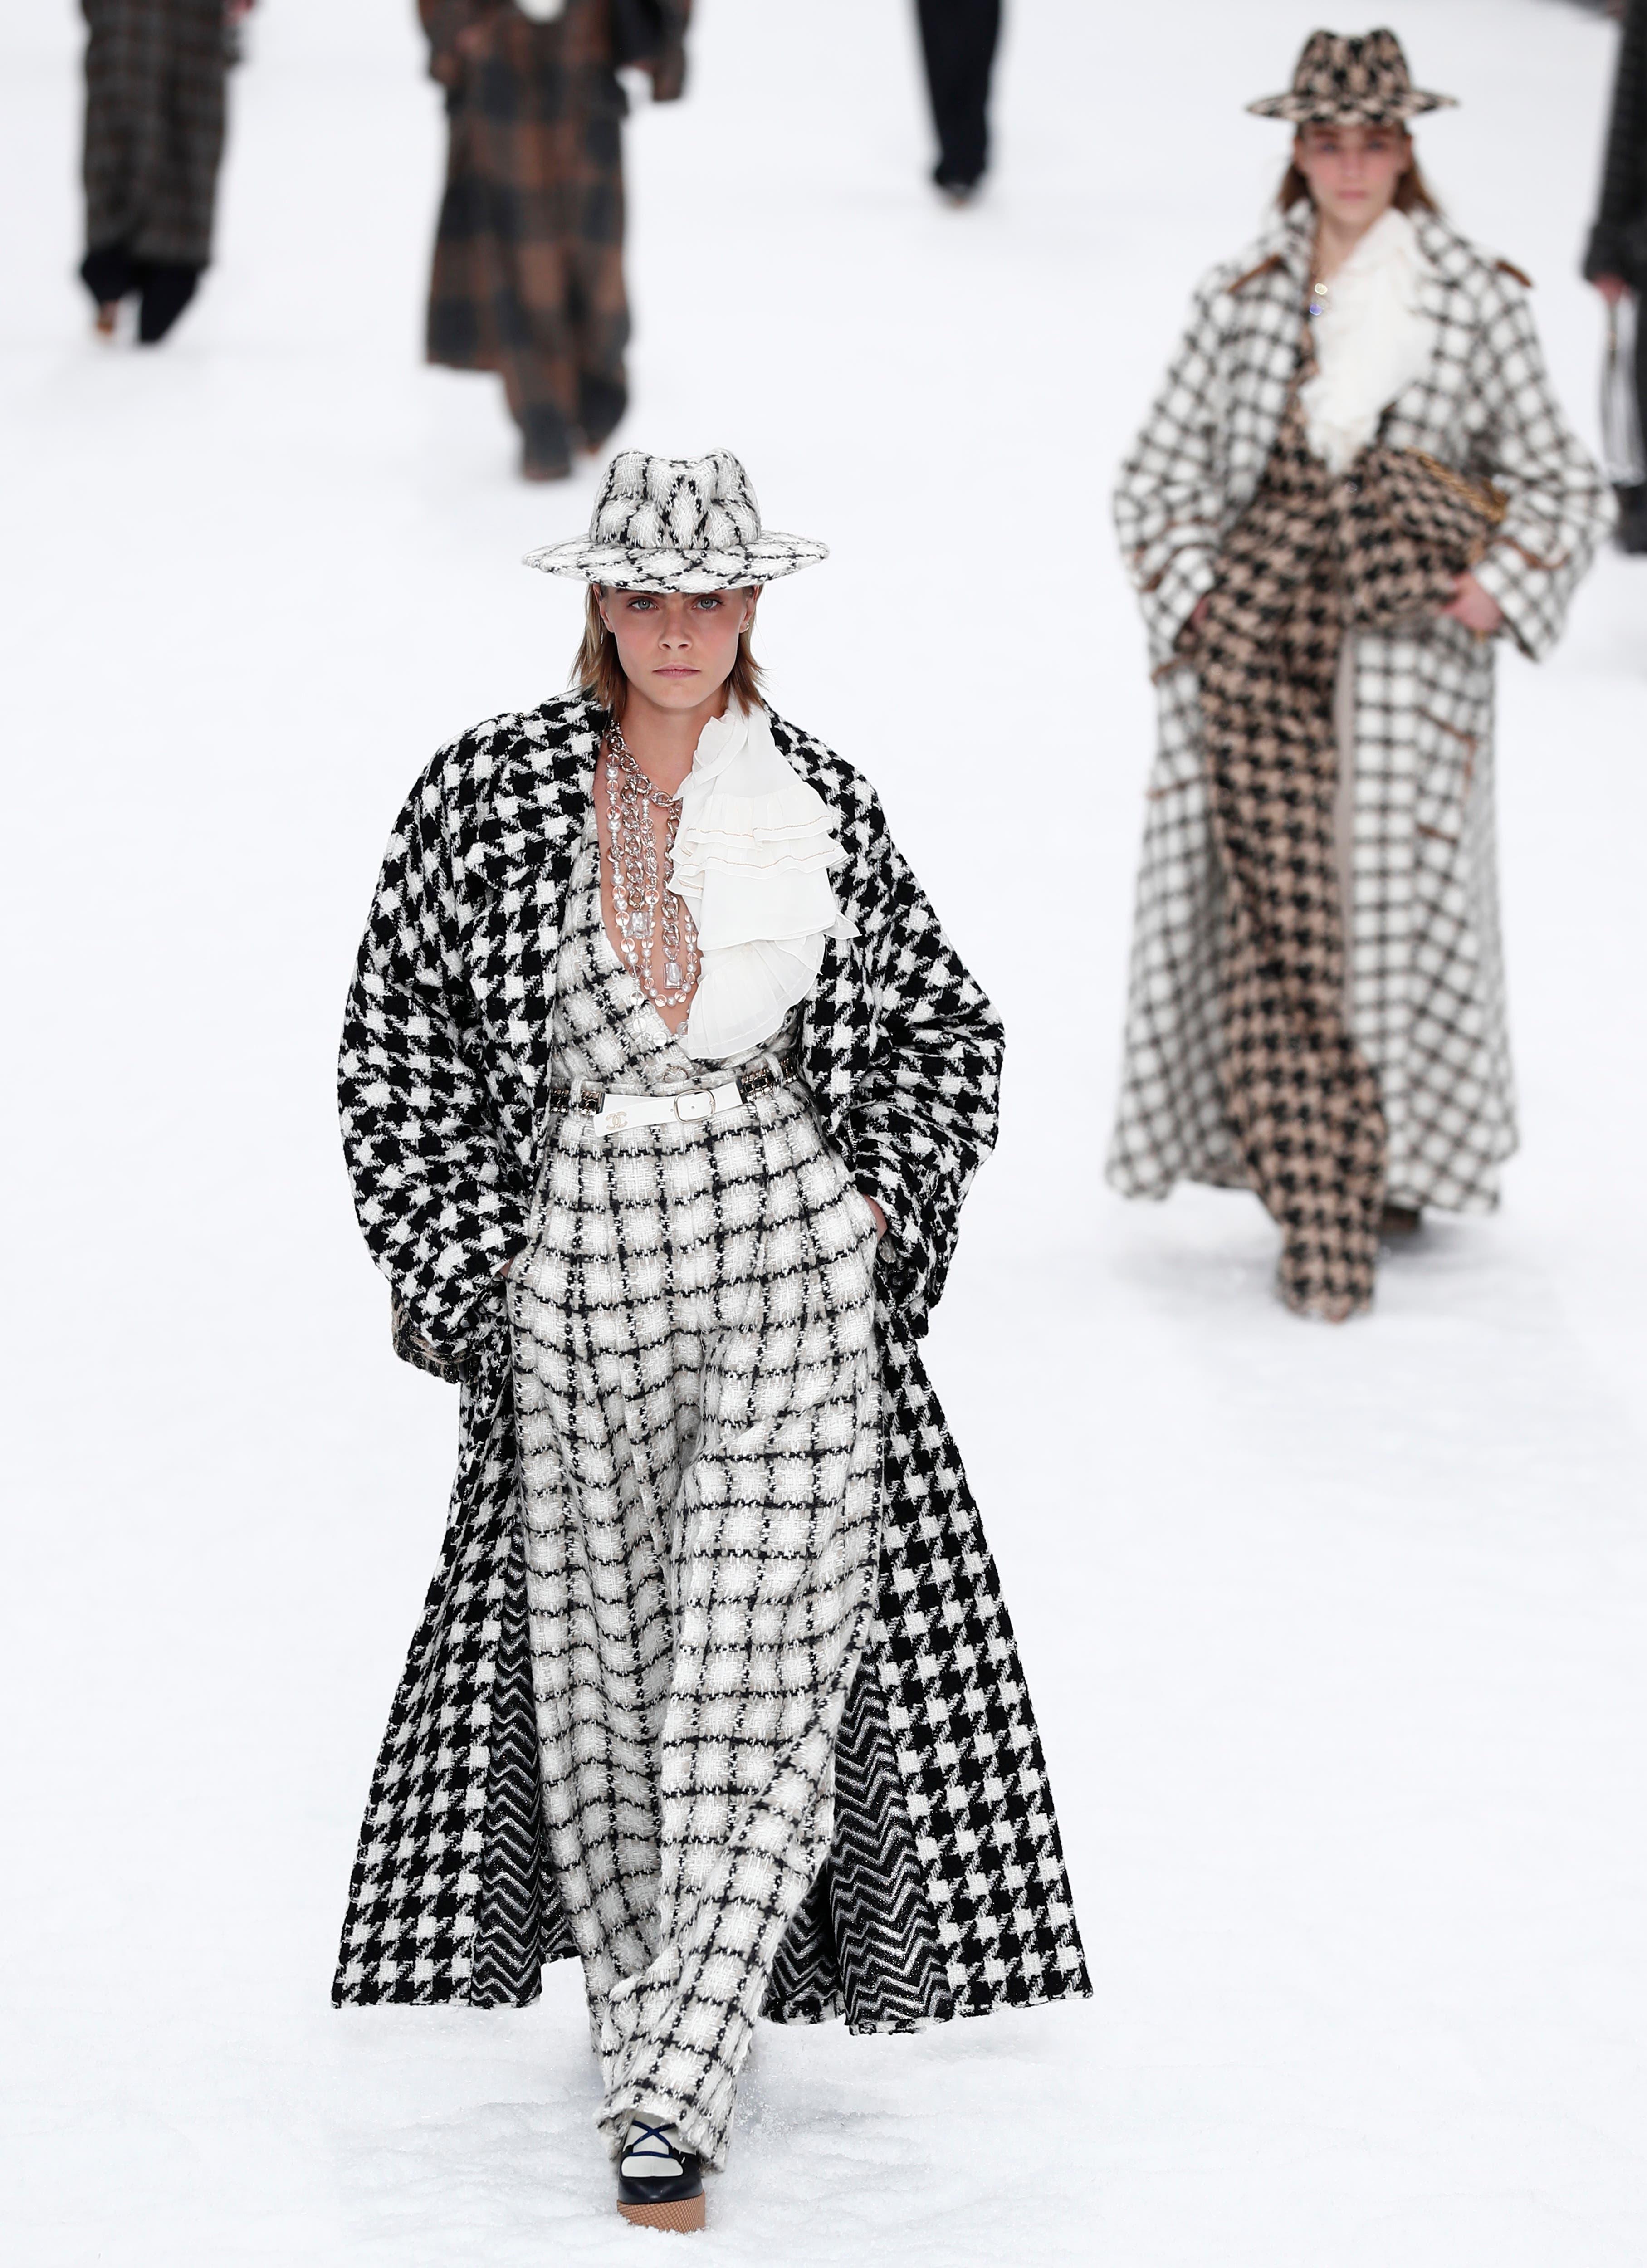 Karl Lagerfelds letzte Chanel-Kollektion:  XL-Mantel in riesigem Hahnentritt-Muster, präsentiert von Model Cara Delevingne. (Bilder: EPA, Getty, AP)